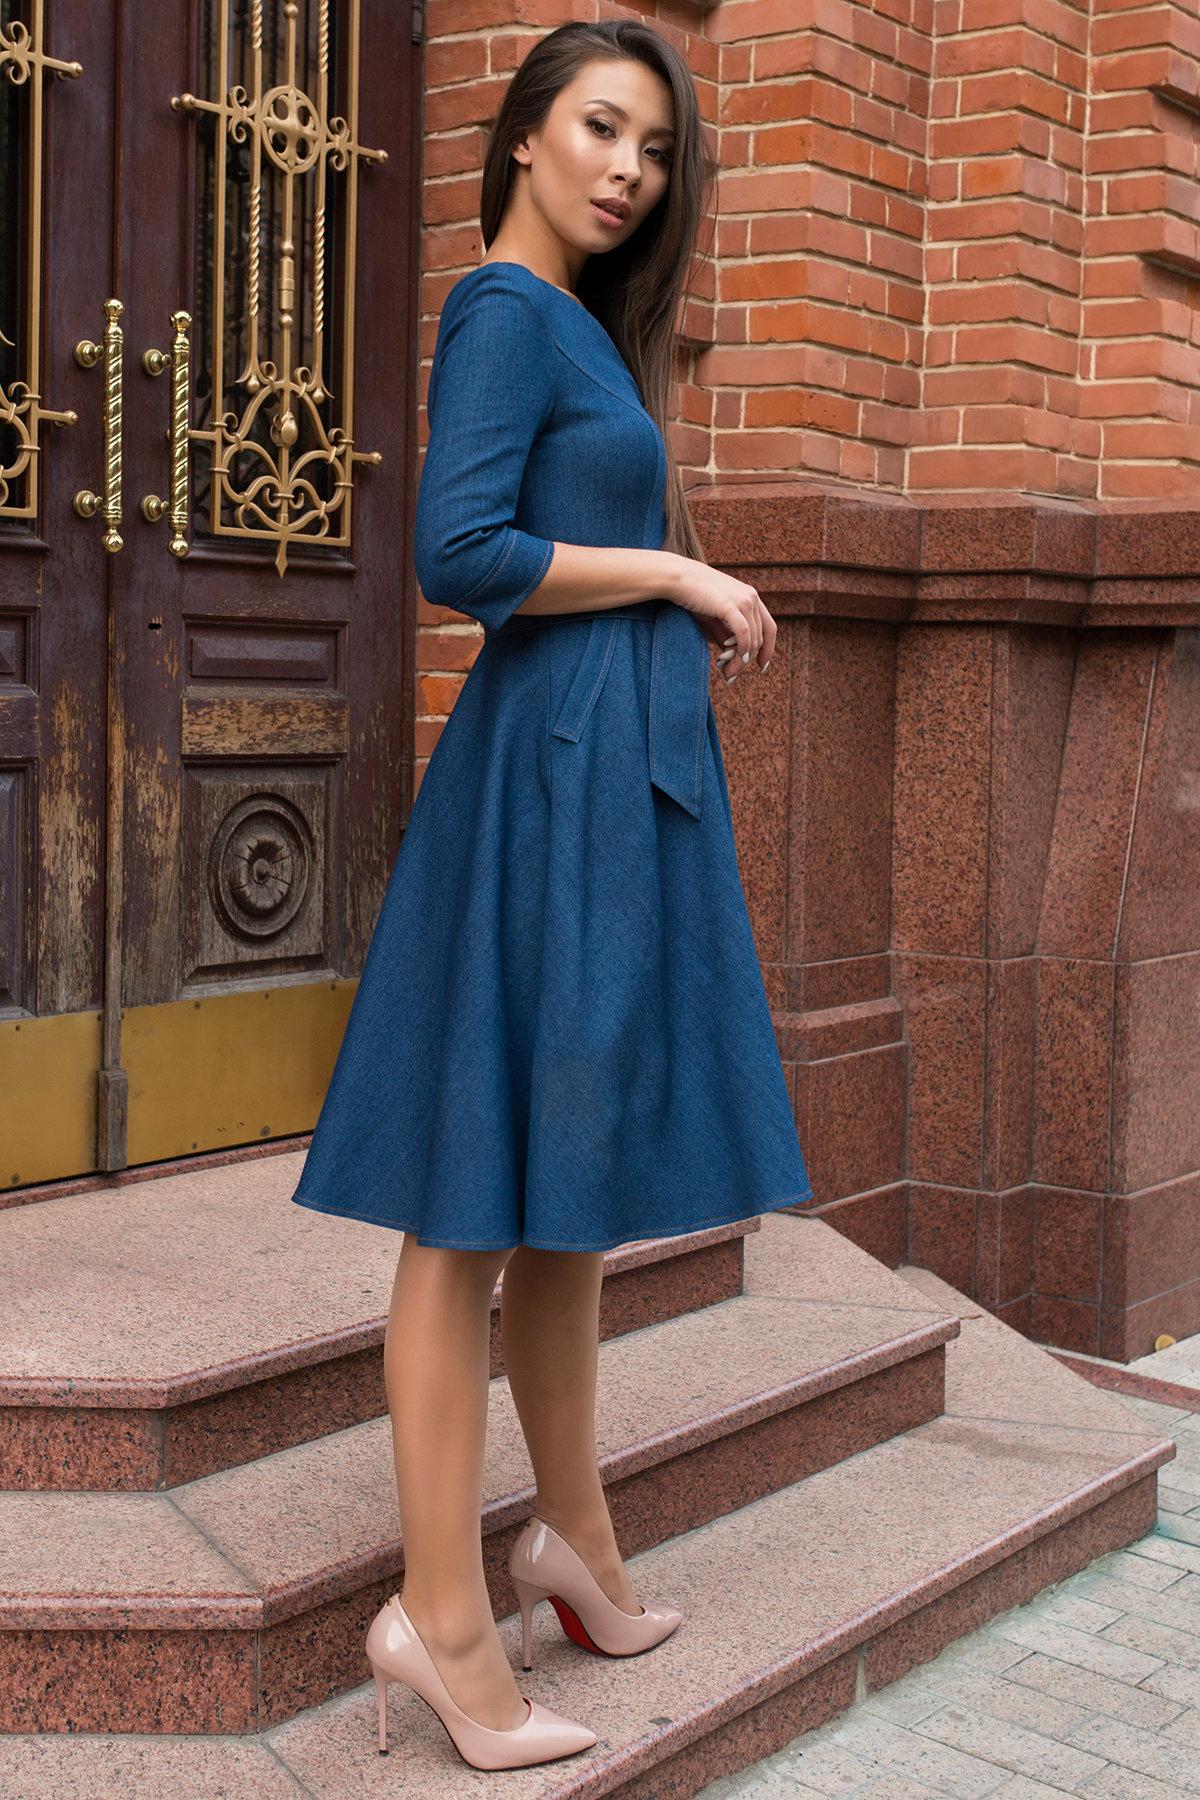 Повседневное платье цвета джинс Лелли 7791 АРТ. 43869 Цвет: Джинс - фото 2, интернет магазин tm-modus.ru